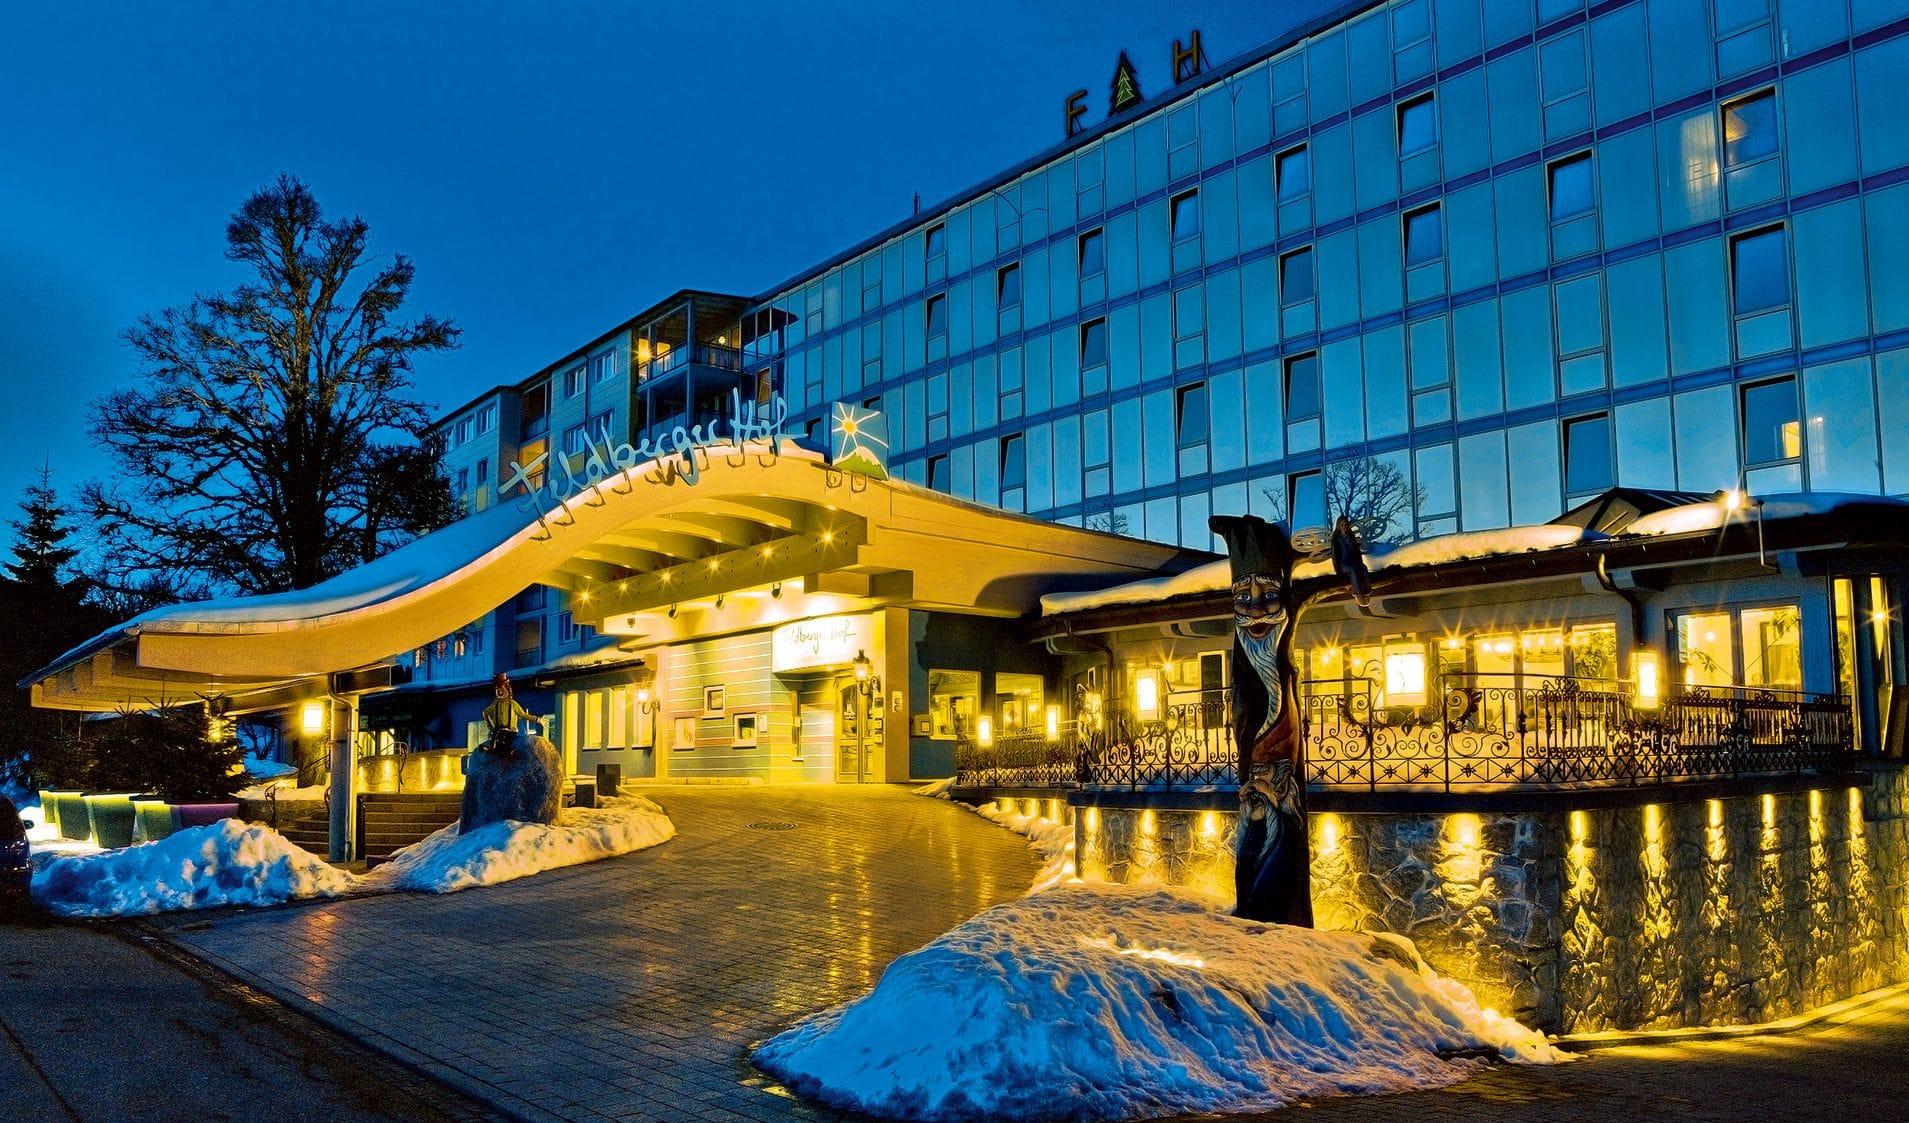 Blickt nachts auf das beleuchtete Gebäude_FeldbergerHof_Feldberg